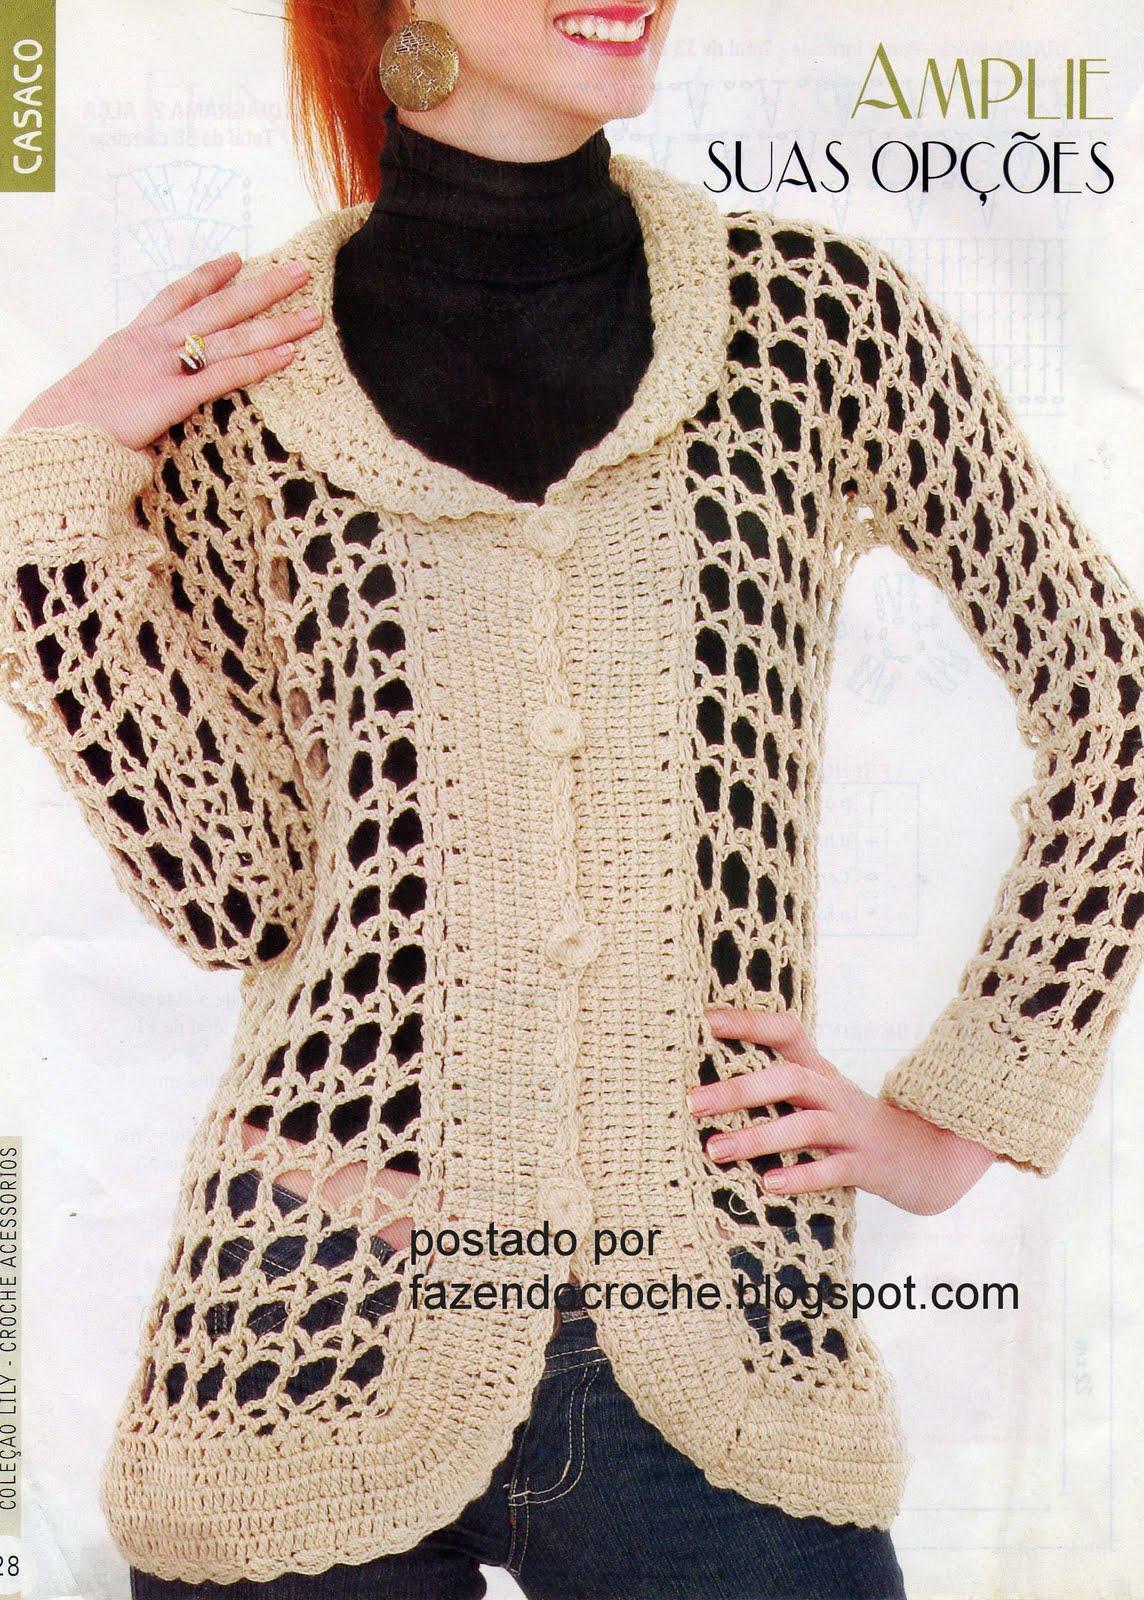 http://3.bp.blogspot.com/-KSjWV2-reSQ/TZ7-u_xrOlI/AAAAAAAALL0/kis9wMYPzao/s1600/img734.jpg